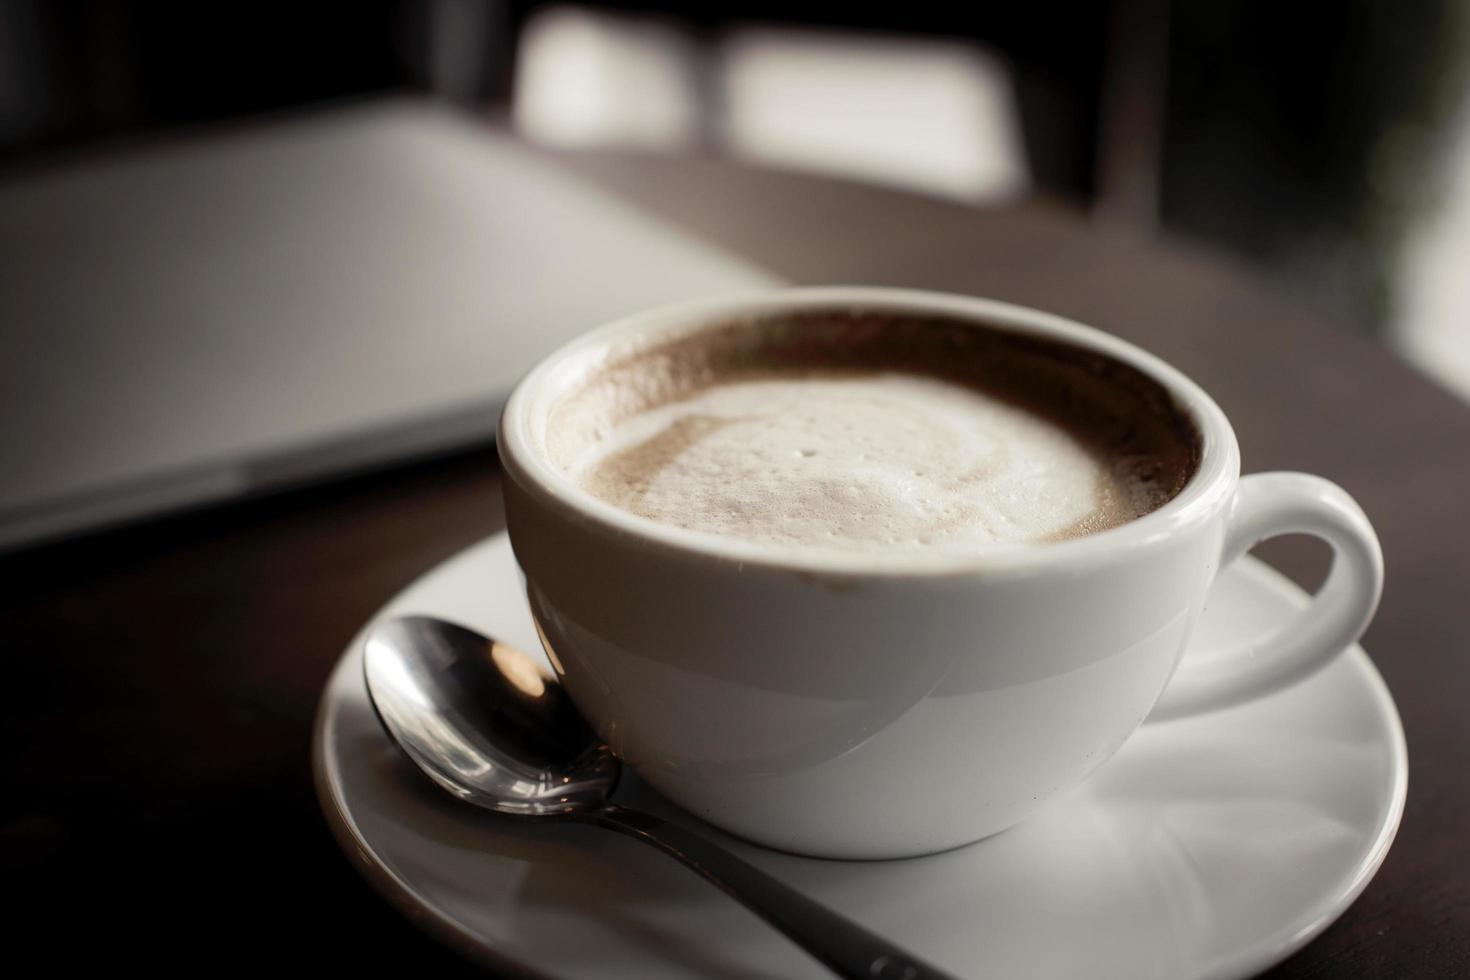 gros plan, de, latte, et, ordinateur portable, sur, table photo